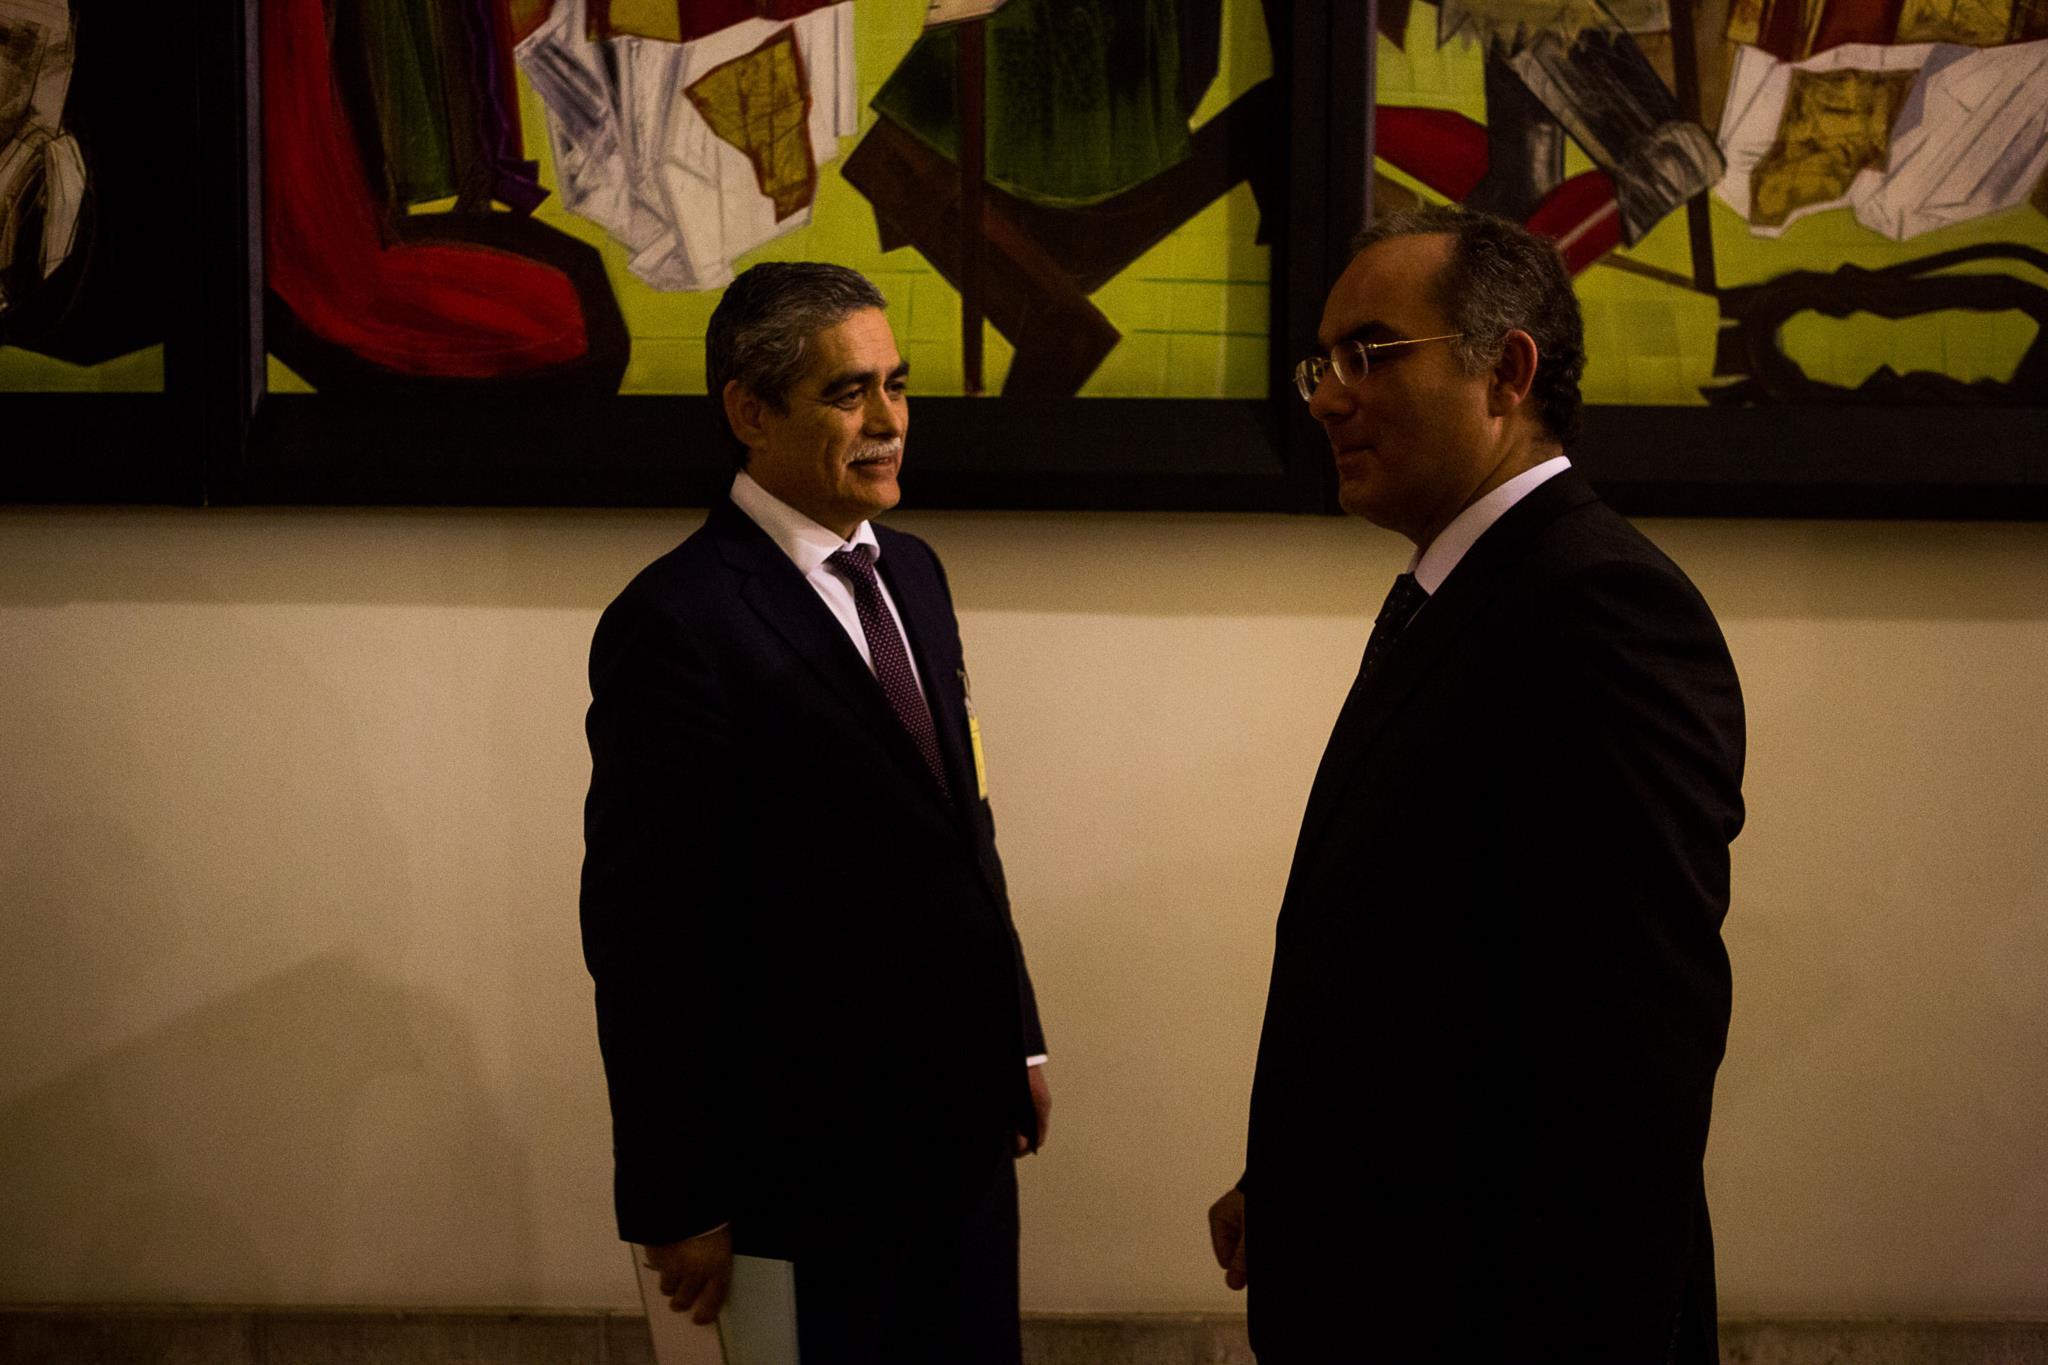 O Ministério Público arquivou o processo da lista VIP por falta de prova. Na foto, o ex-director-geral António Brigas Afonso e o ex-número dois José Maria Pires